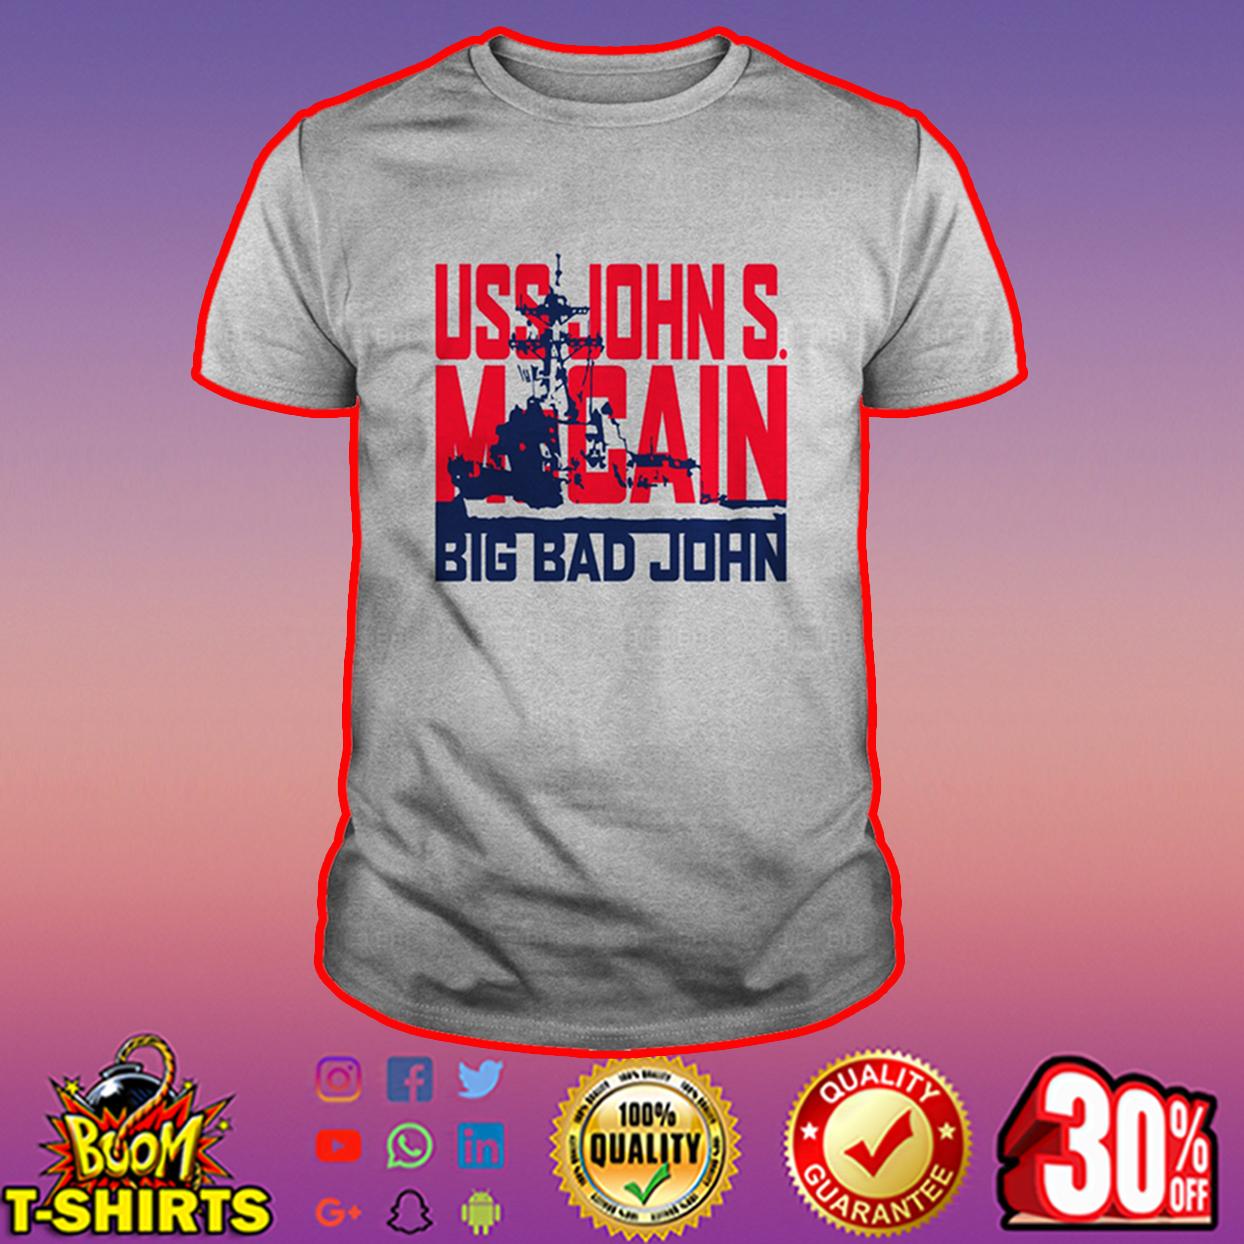 USS John S. McCain Big Bad John shirt